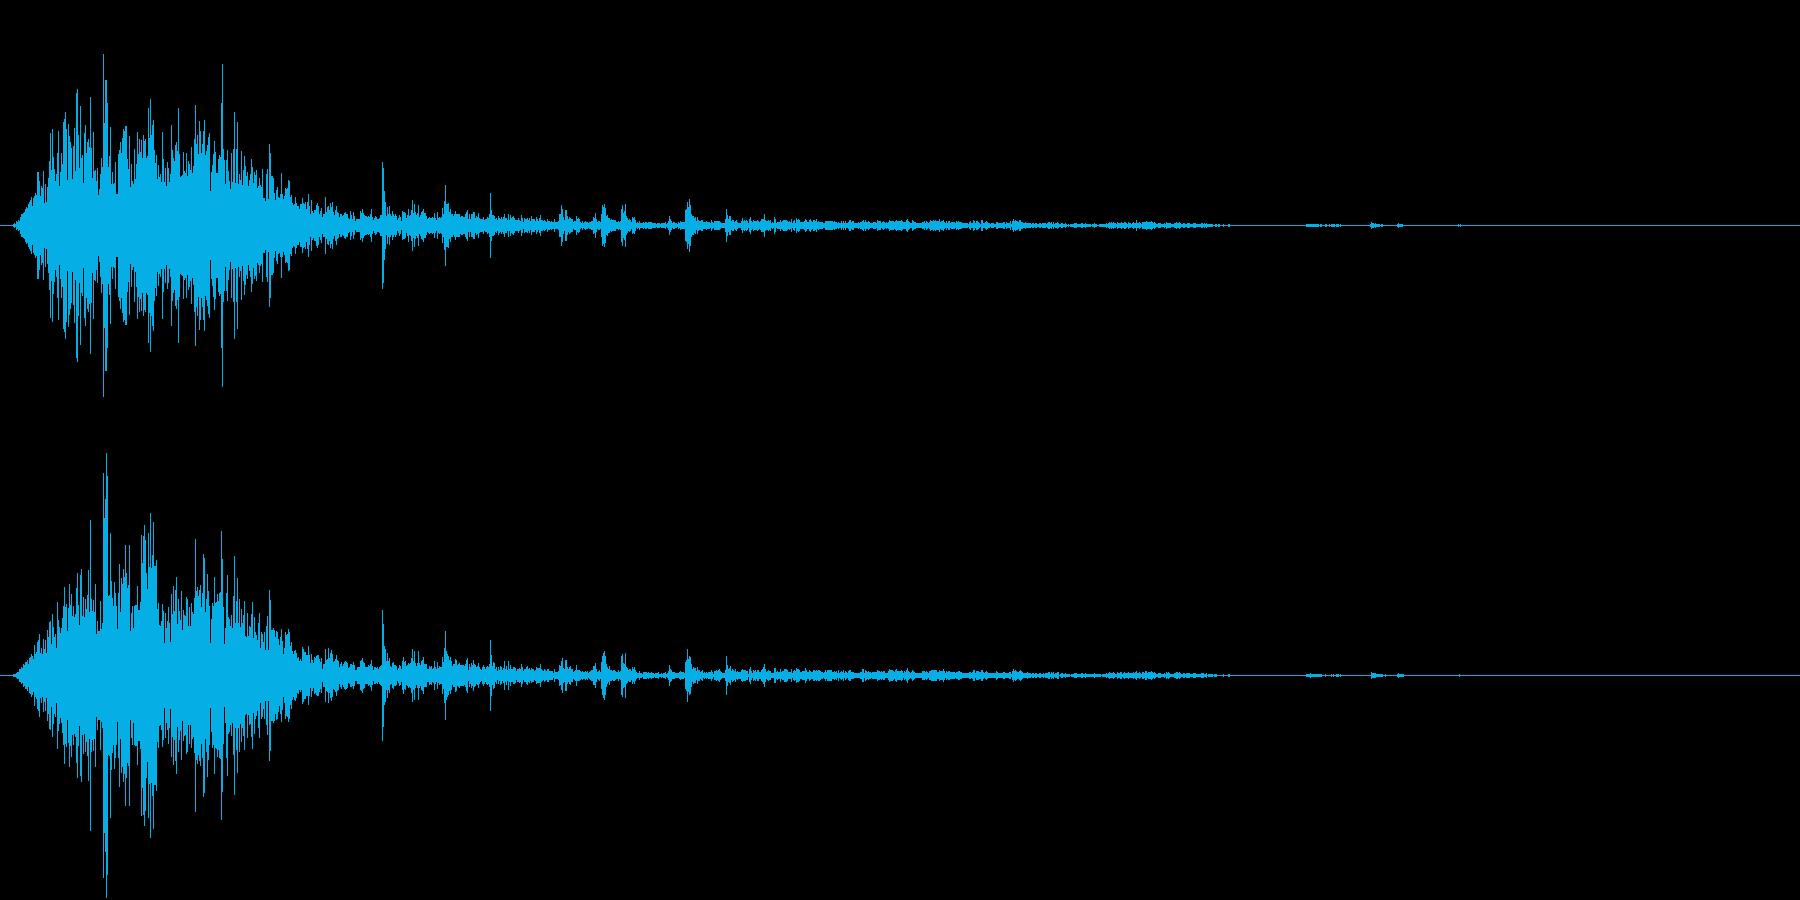 【生録音】ゴミの音 3 投げ捨てるの再生済みの波形